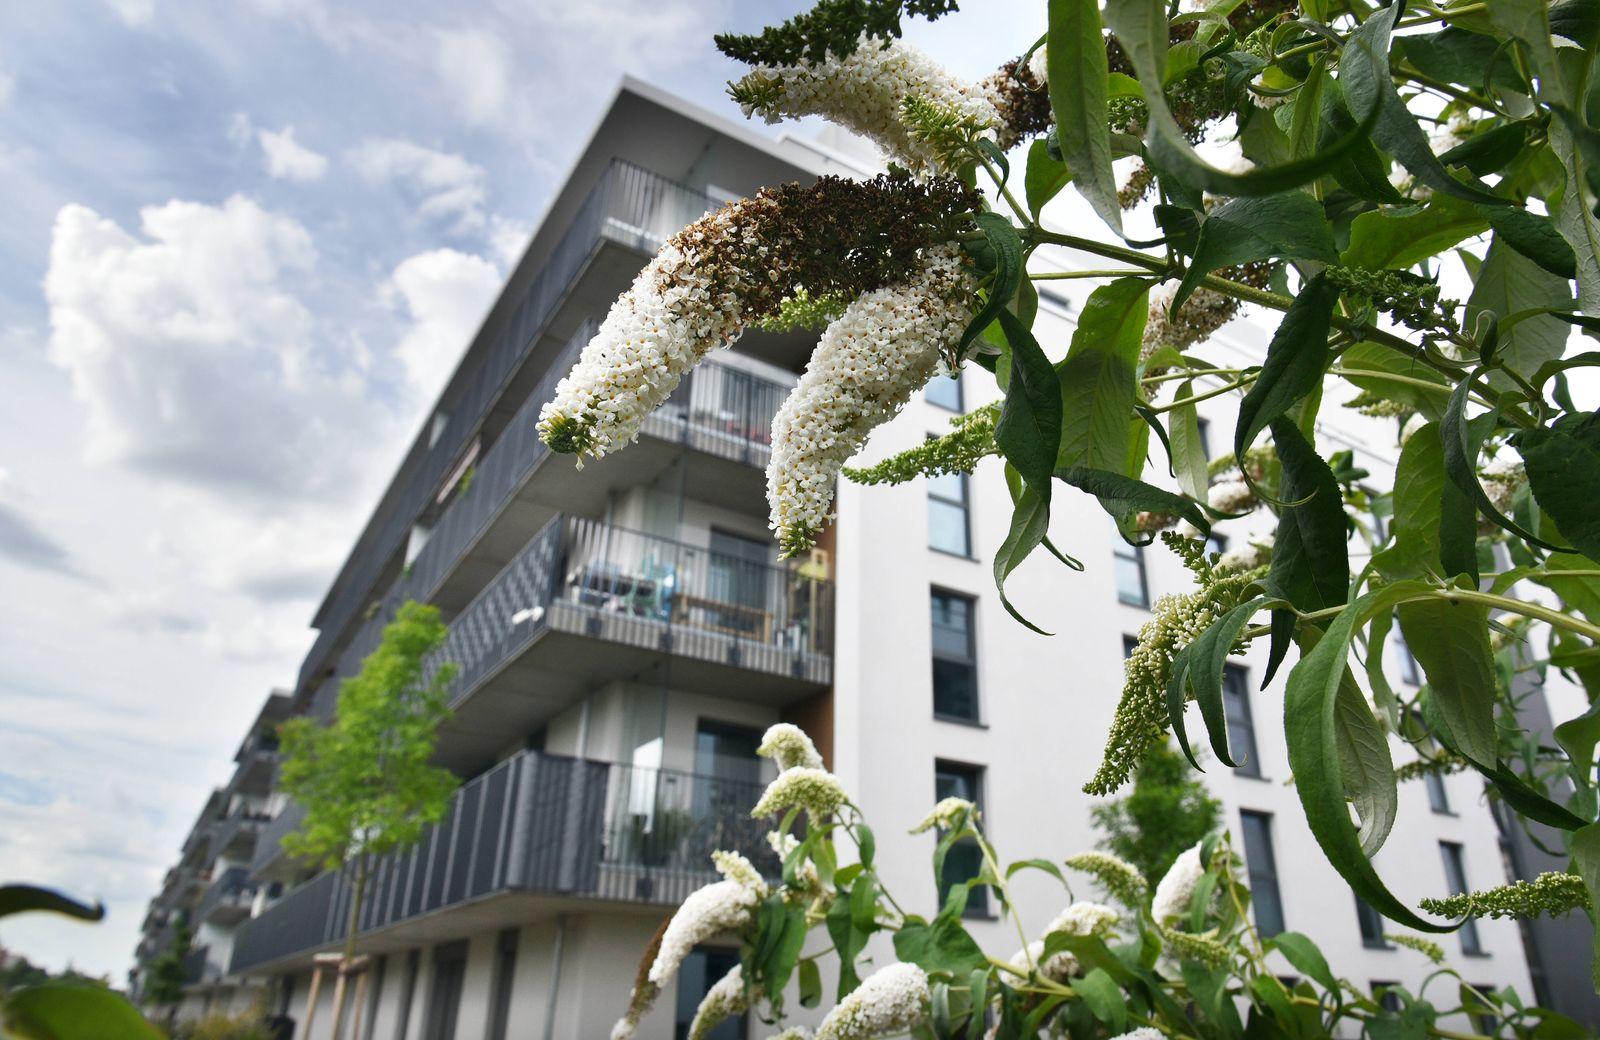 Das neue Stadtquartier an der Bautzener Stra?e in Berlin-Sch?neberg, aufgenommen am 28. Juli 2020. Wohnungsbau, Wohnung